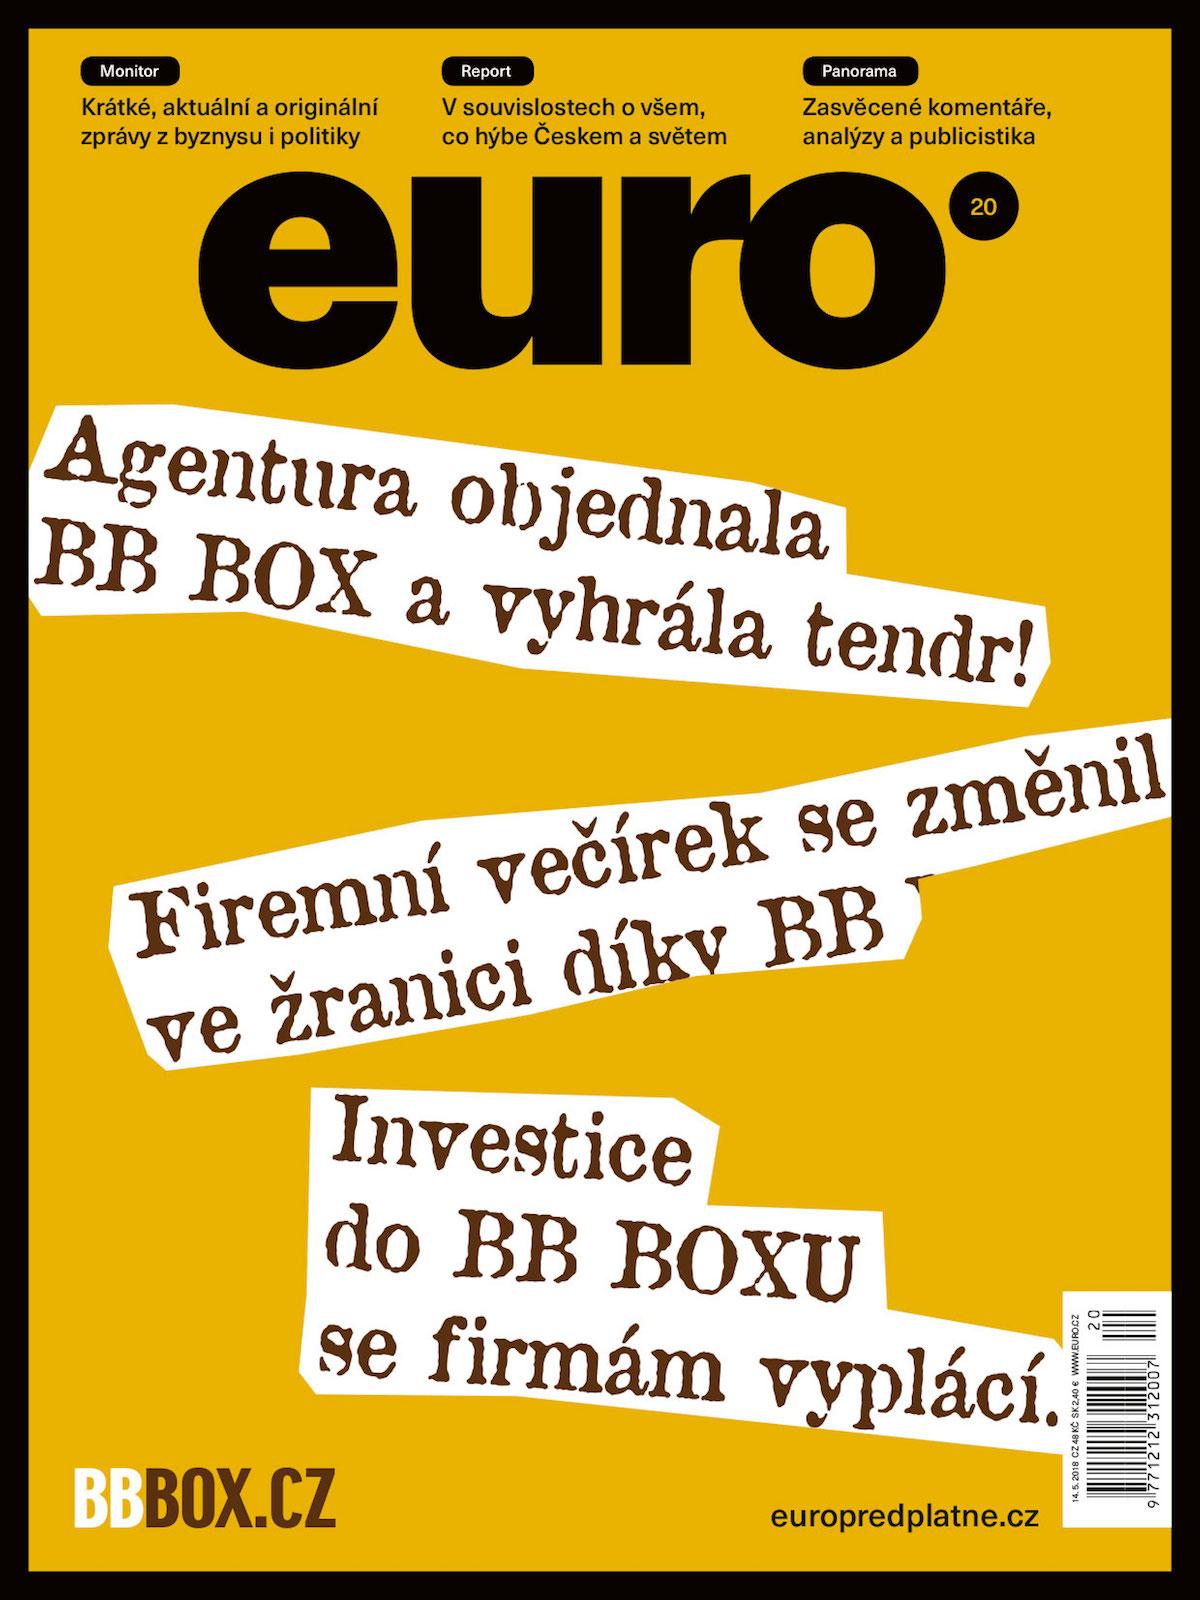 Nová podoba titulní strany týdeníku Euro, číslo 20/2018